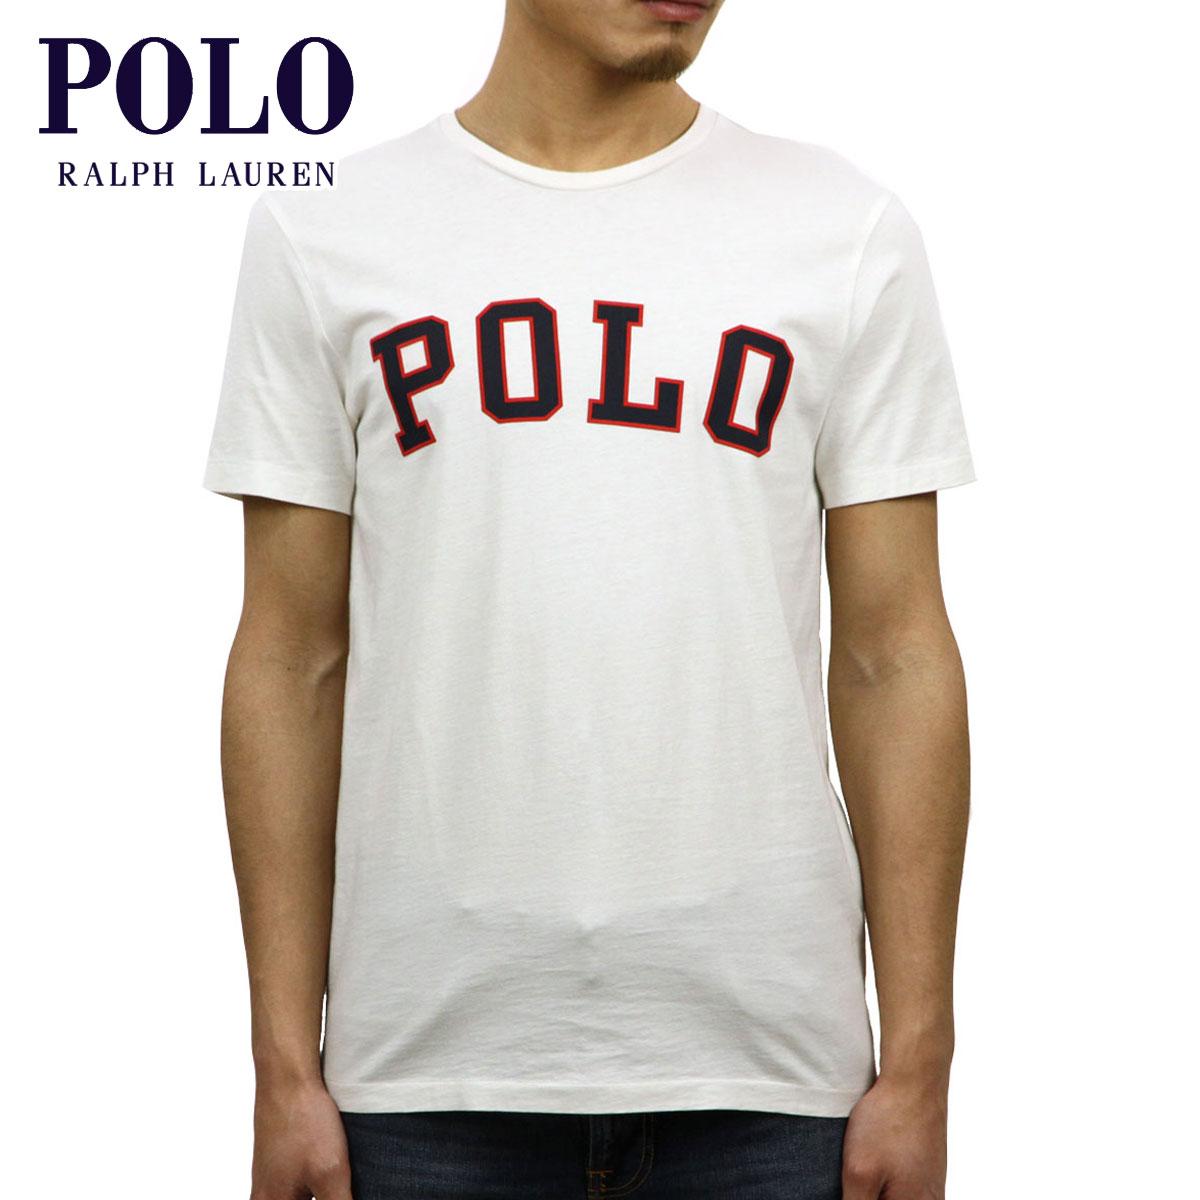 44d4b6a95ba5 Polo Ralph Lauren POLO RALPH LAUREN regular article men short sleeves logo T -shirt CUSTOM ...